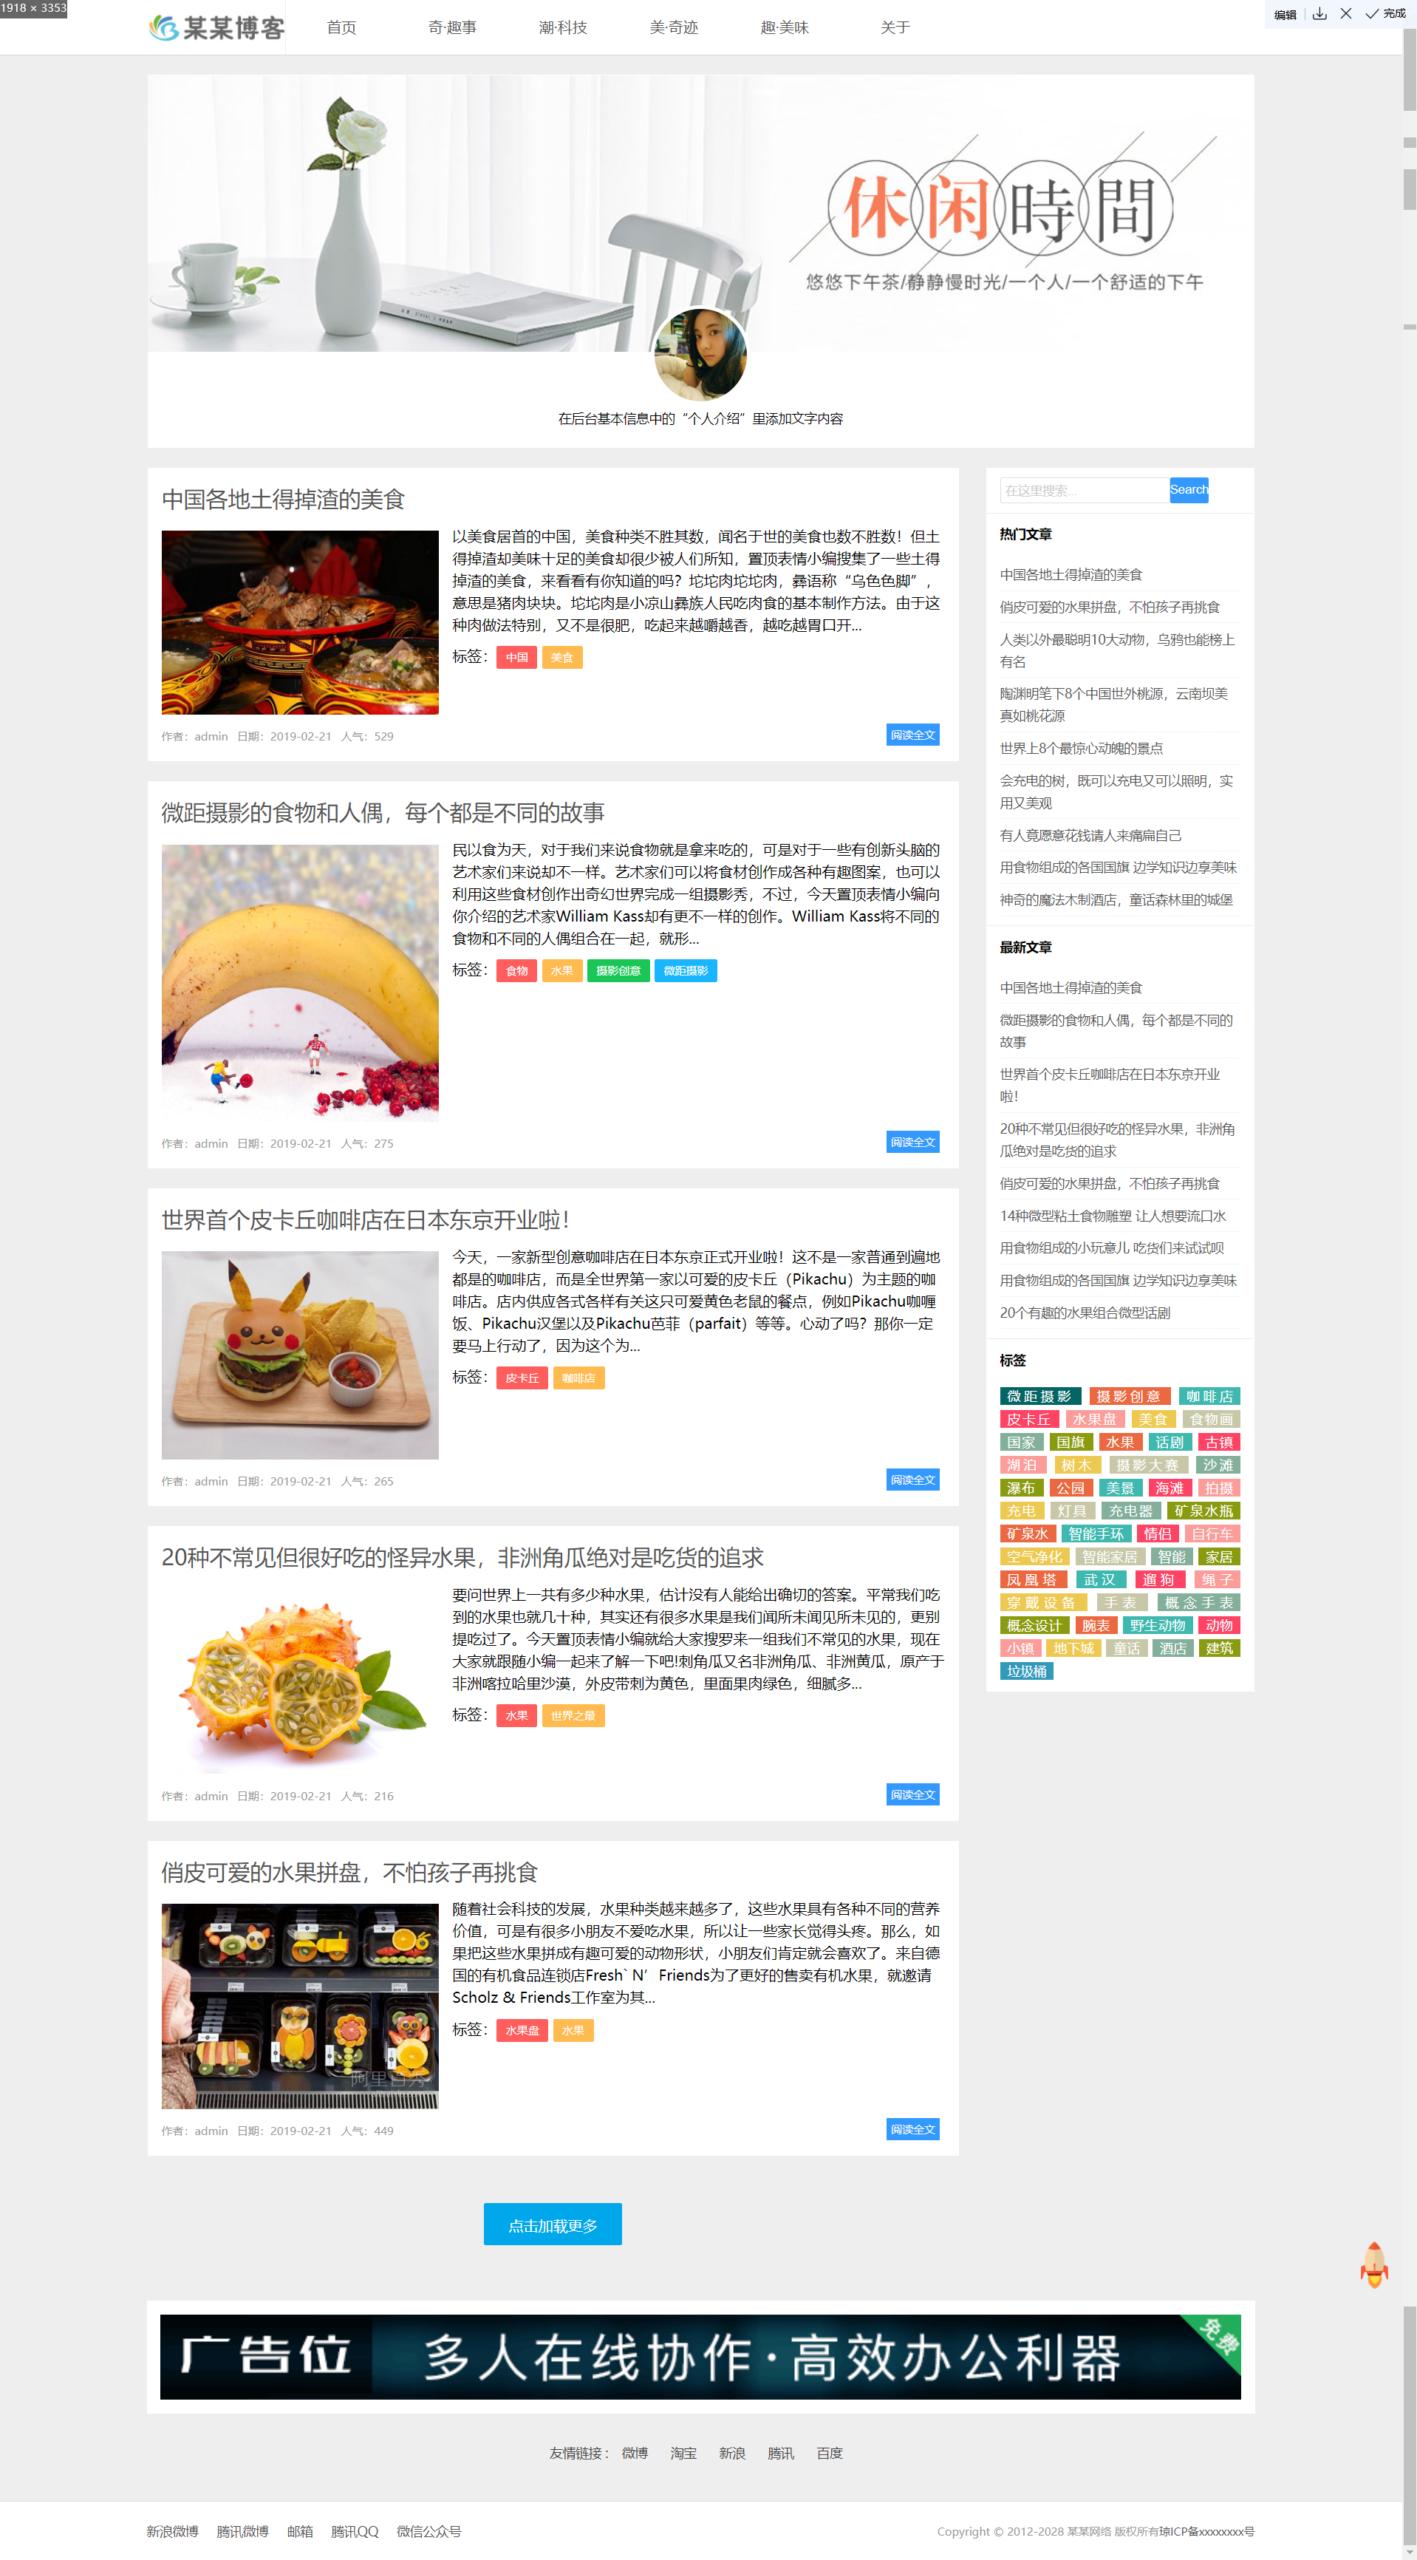 响应式个人记录记忆记事简单博客网站模板自适应手机端网站源码下载